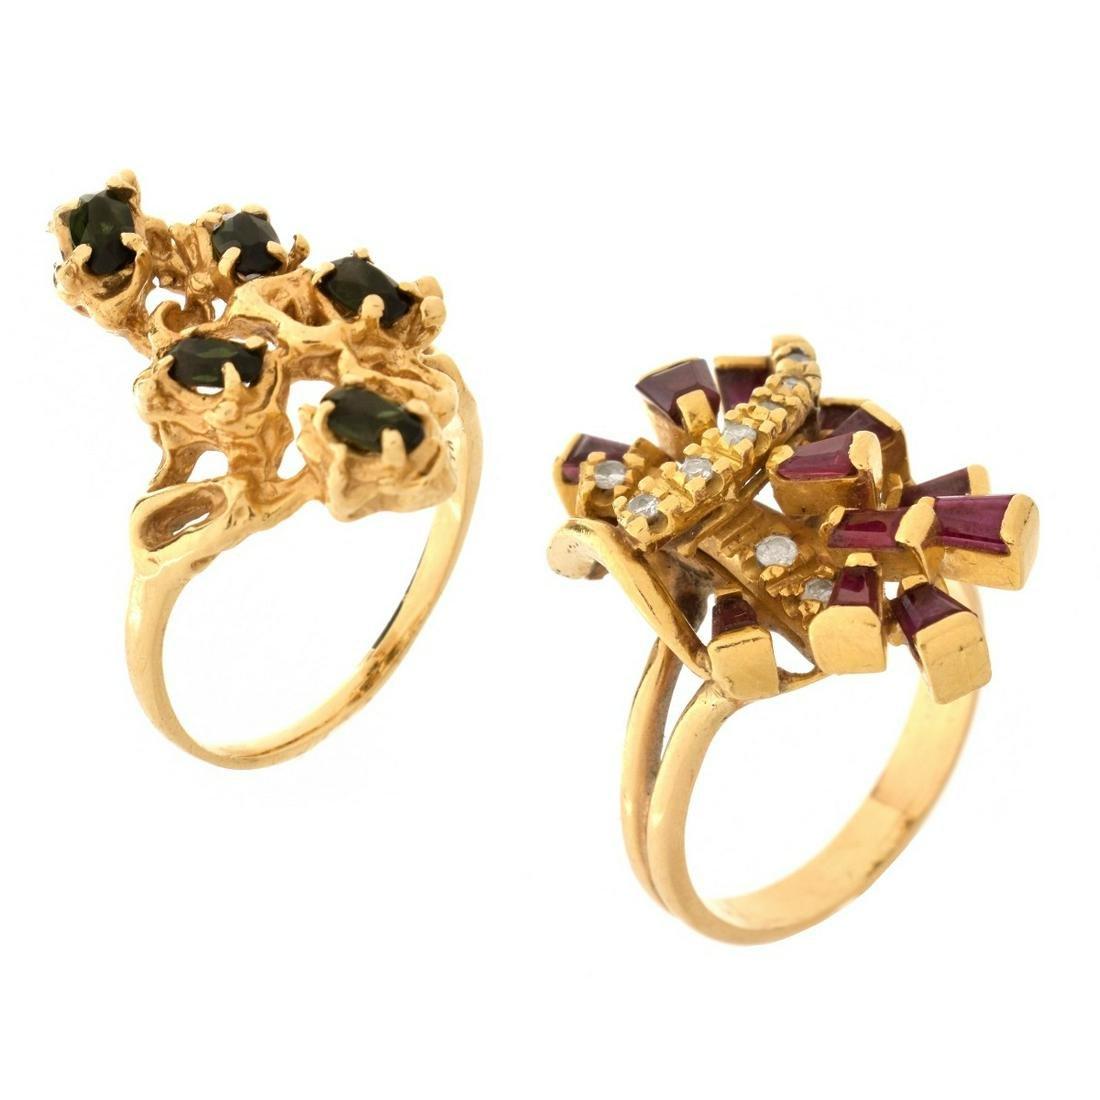 Two Vintage 14K and Gemstone Rings